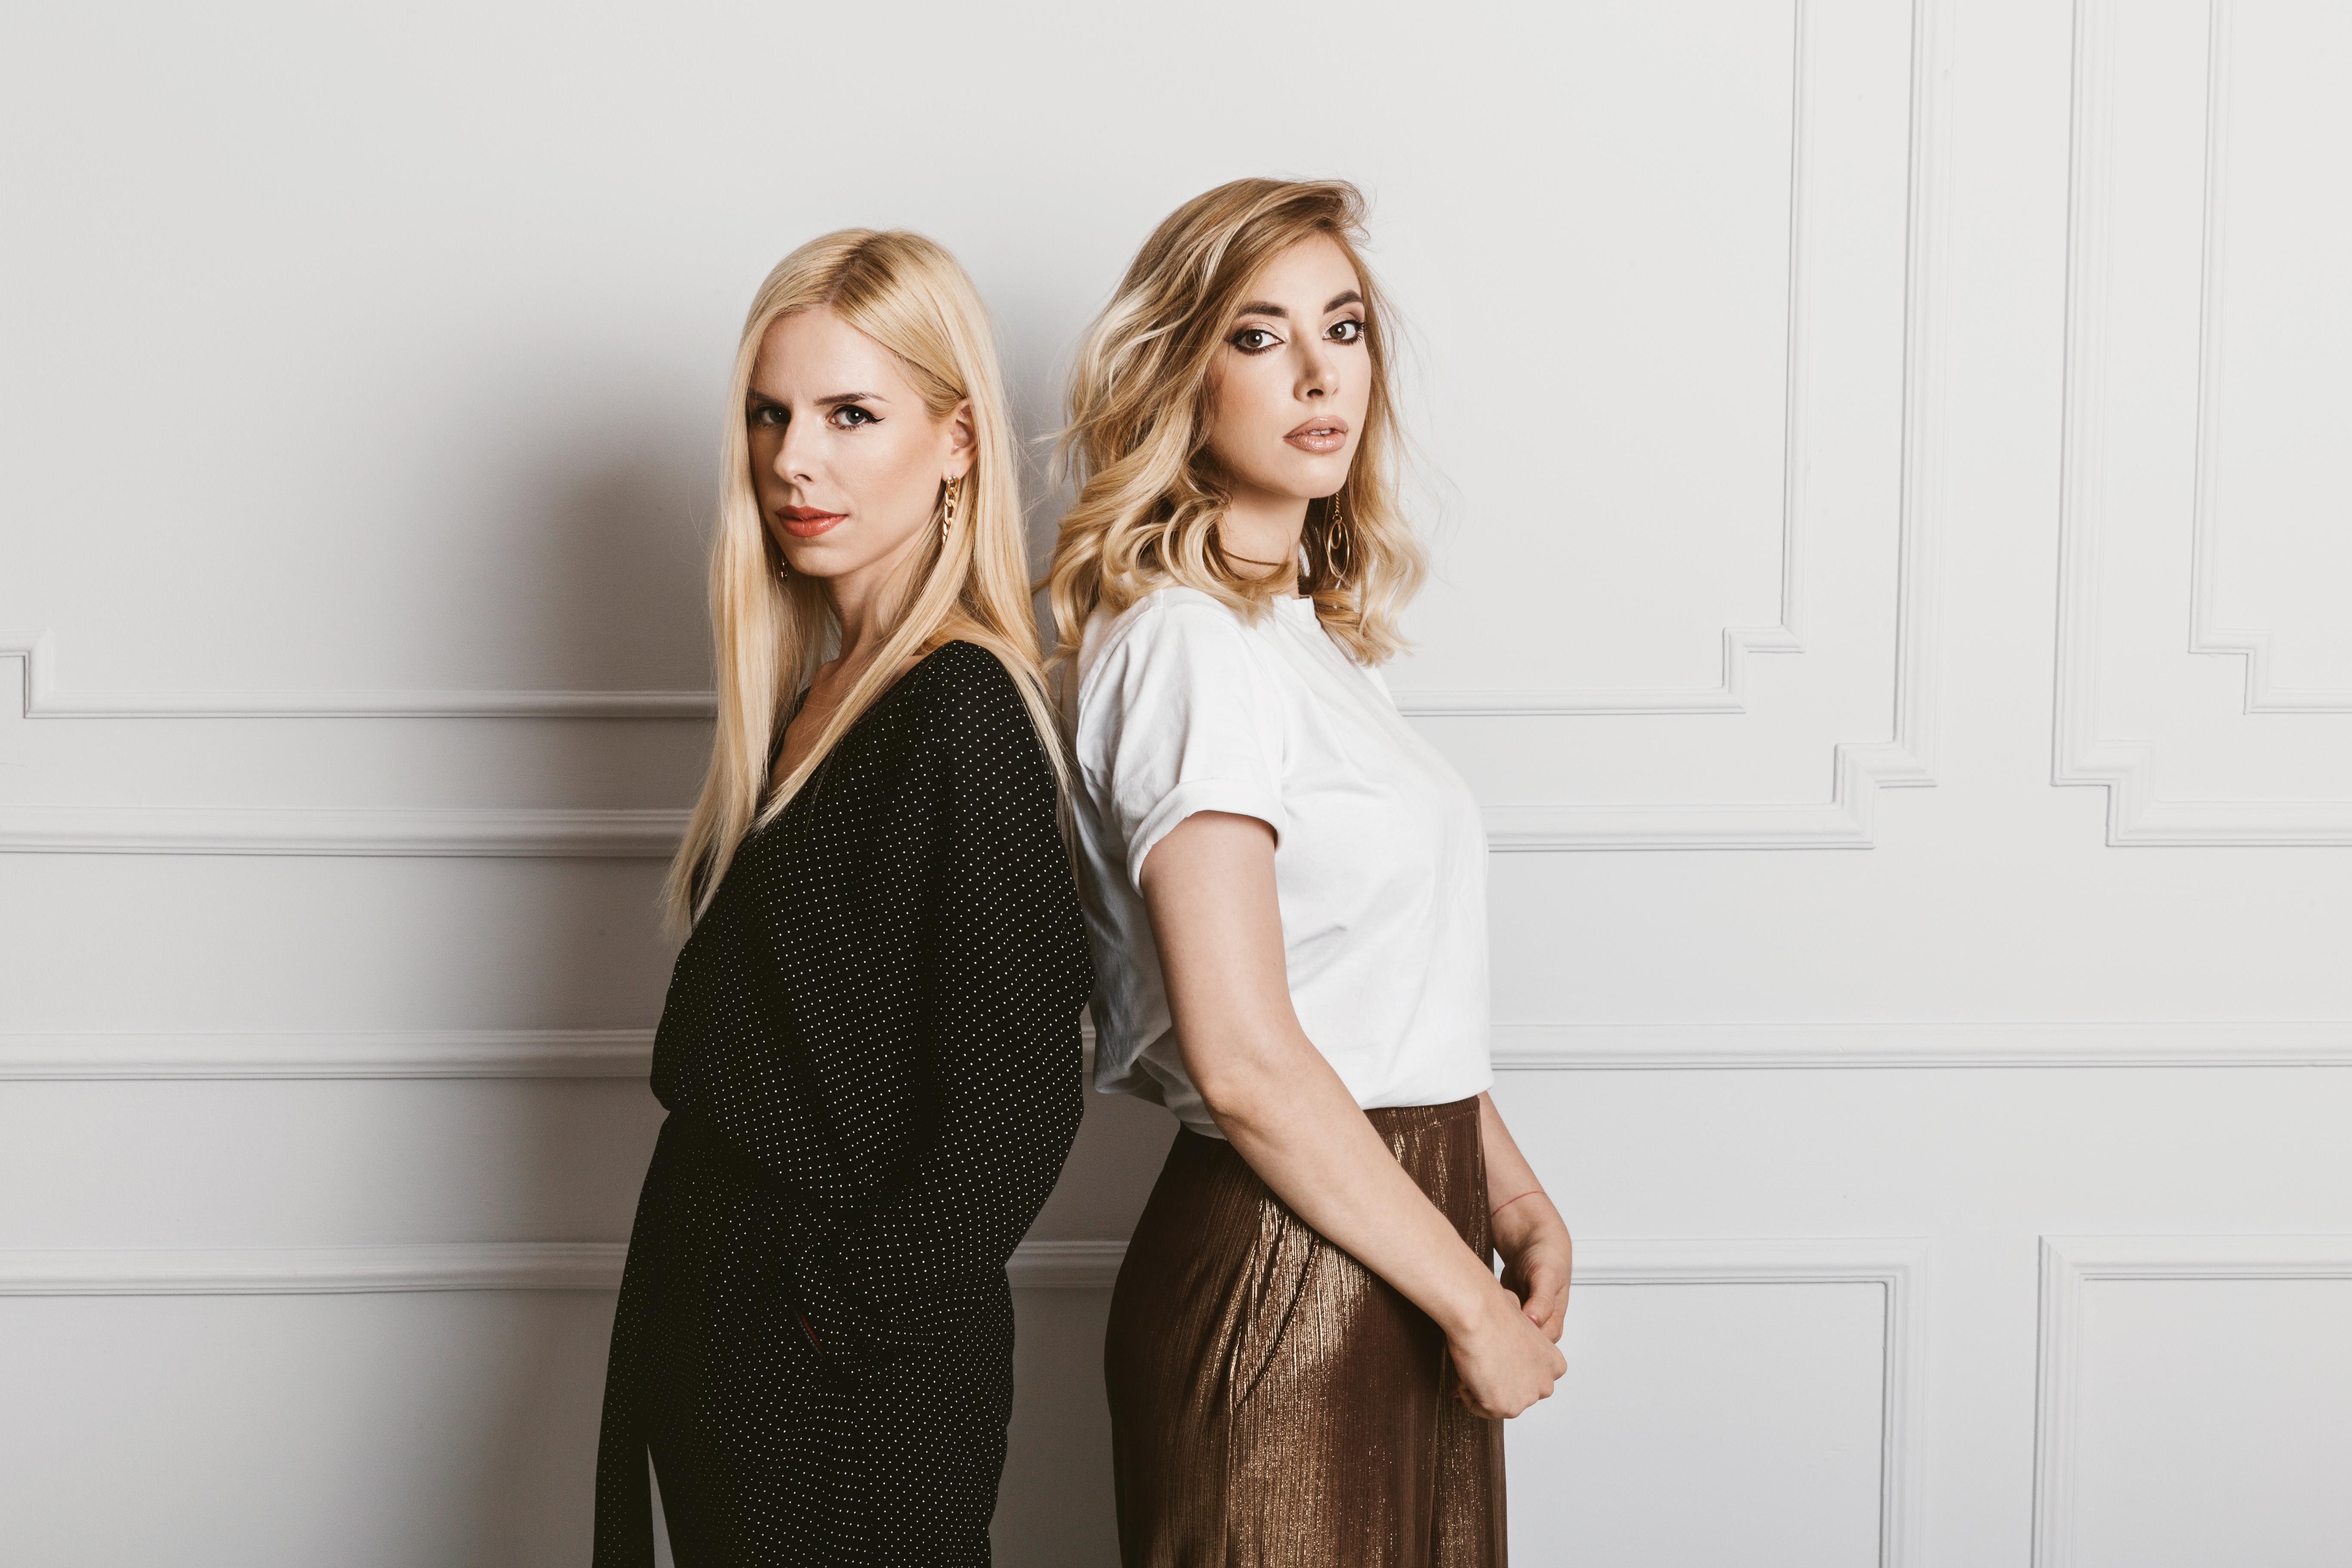 IMG 9848f Dunja Jovanović i Marija Radaković iz podkasta F.fm: Pričamo o modi, ali ozbiljno